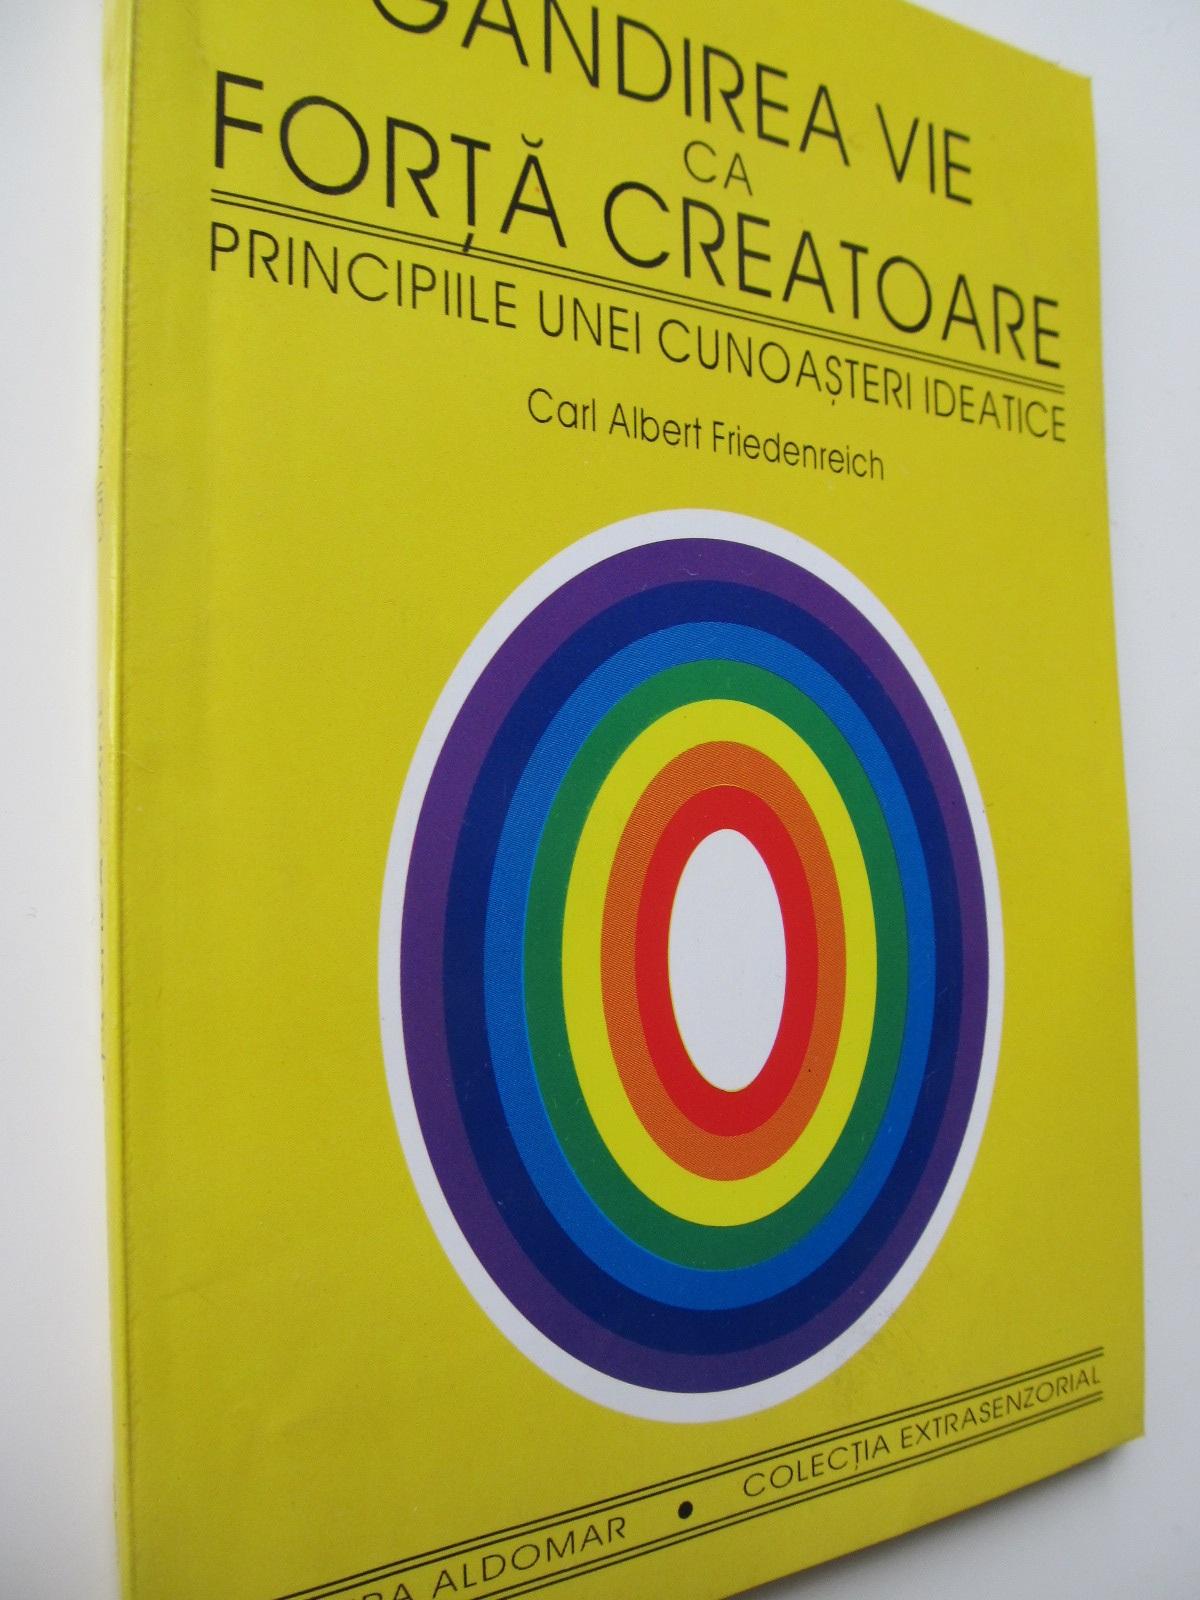 Gandirea vie ca forta creatoare - Principiile unei cunoasteri ideatice - Carl Albert Friedenreich | Detalii carte